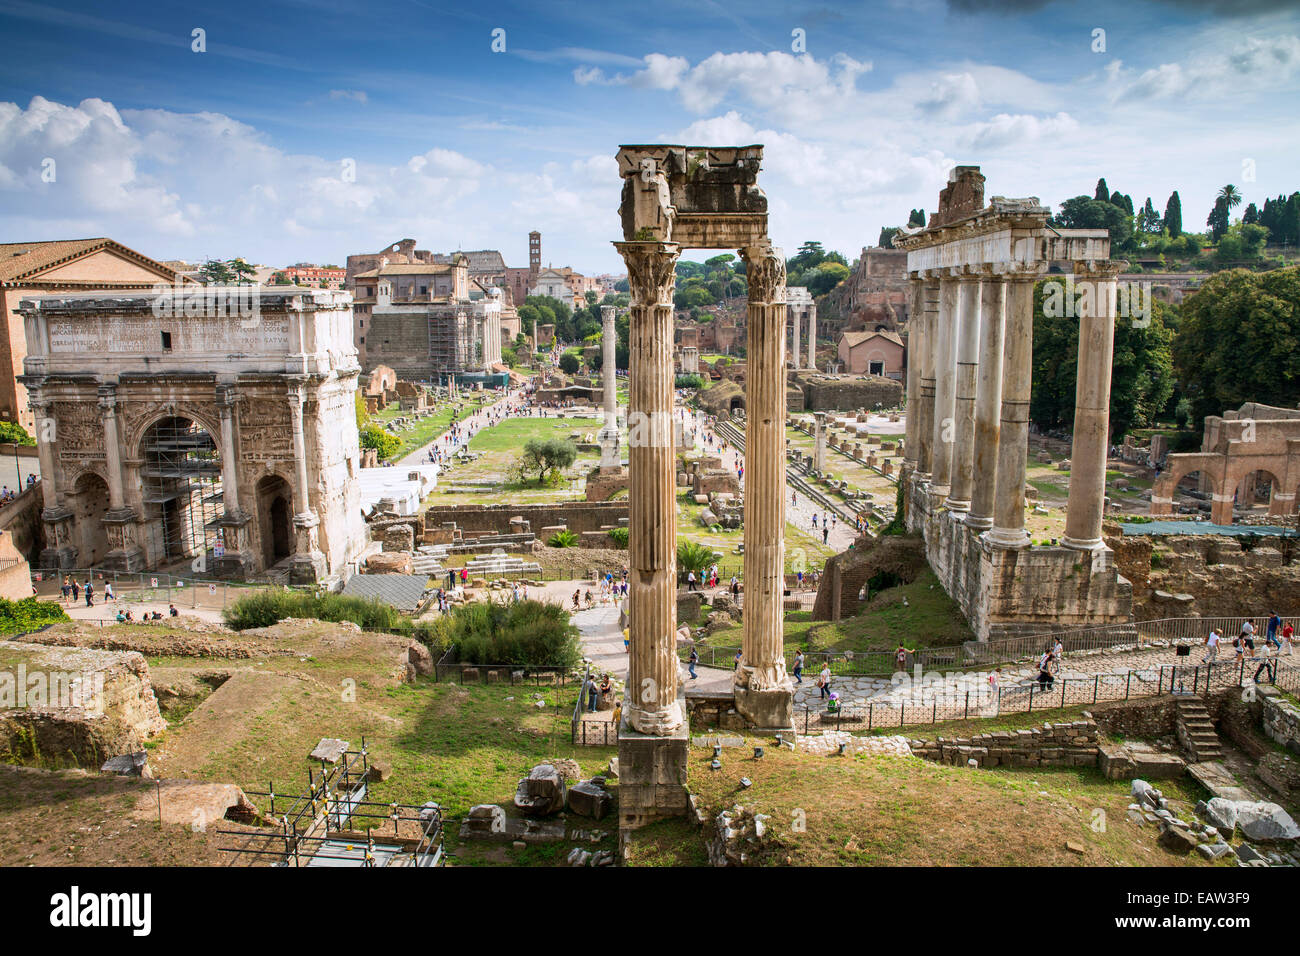 Forum romain (Forum Romanum), Rome, Latium, Italie, Europe Photo Stock